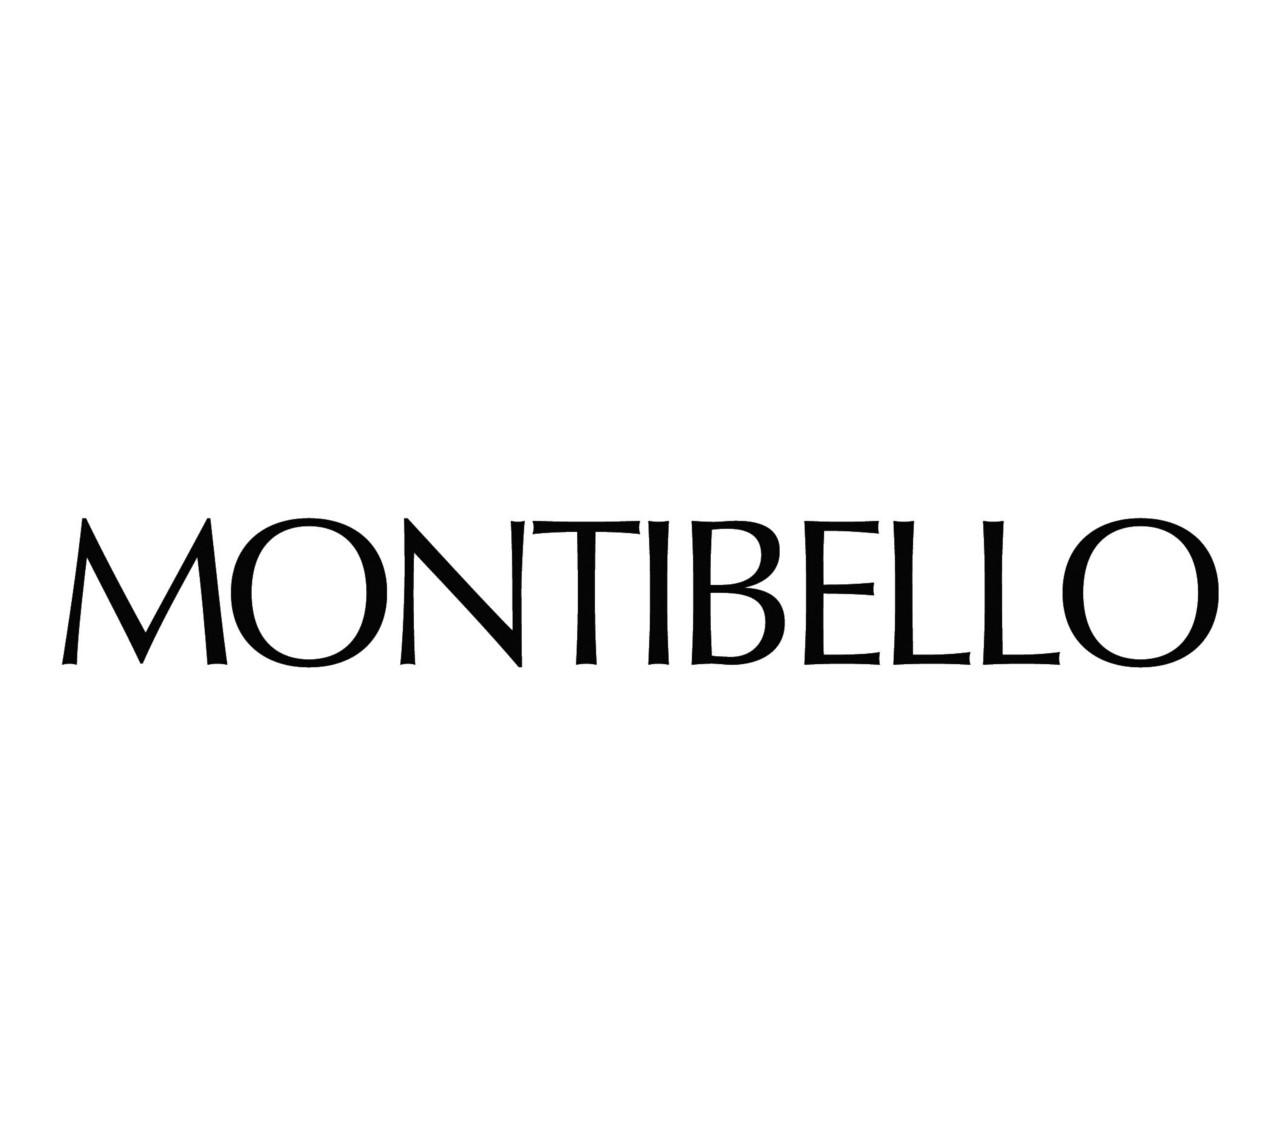 Testujemy z Face&Look i Montibello!